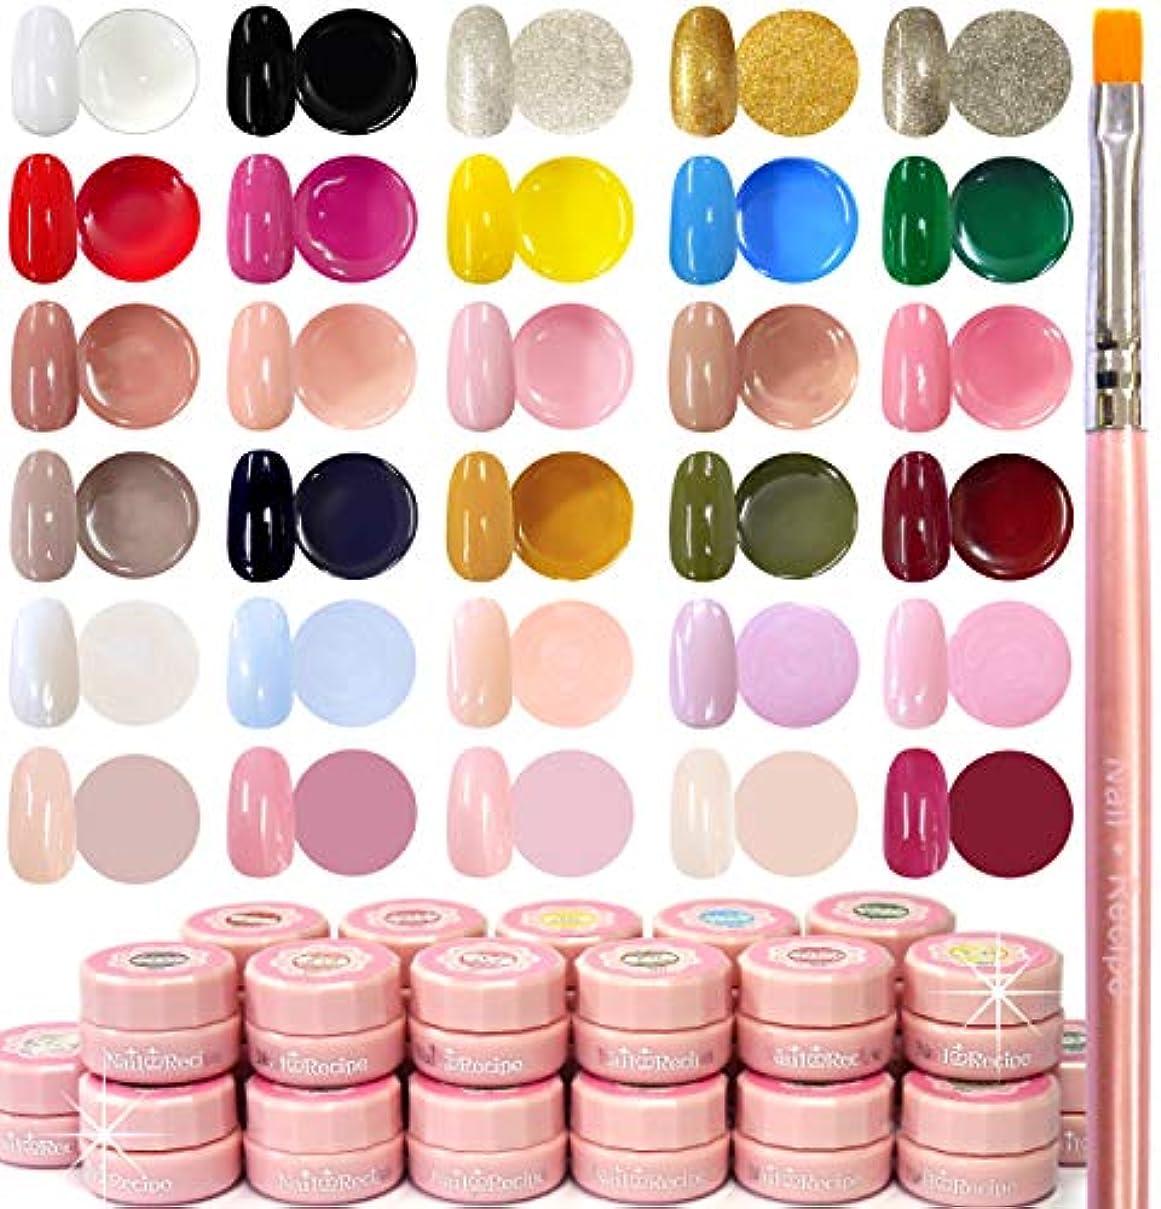 鉛筆うつ道に迷いましたNail Recipe(ネイルレシピ) カラージェル ジェルネイル カラー ジェル セット 30色 ジェルネイルキット ネイルアートジェル ネイル セルフネイルキット 発色抜群 (30色カラージェルset)